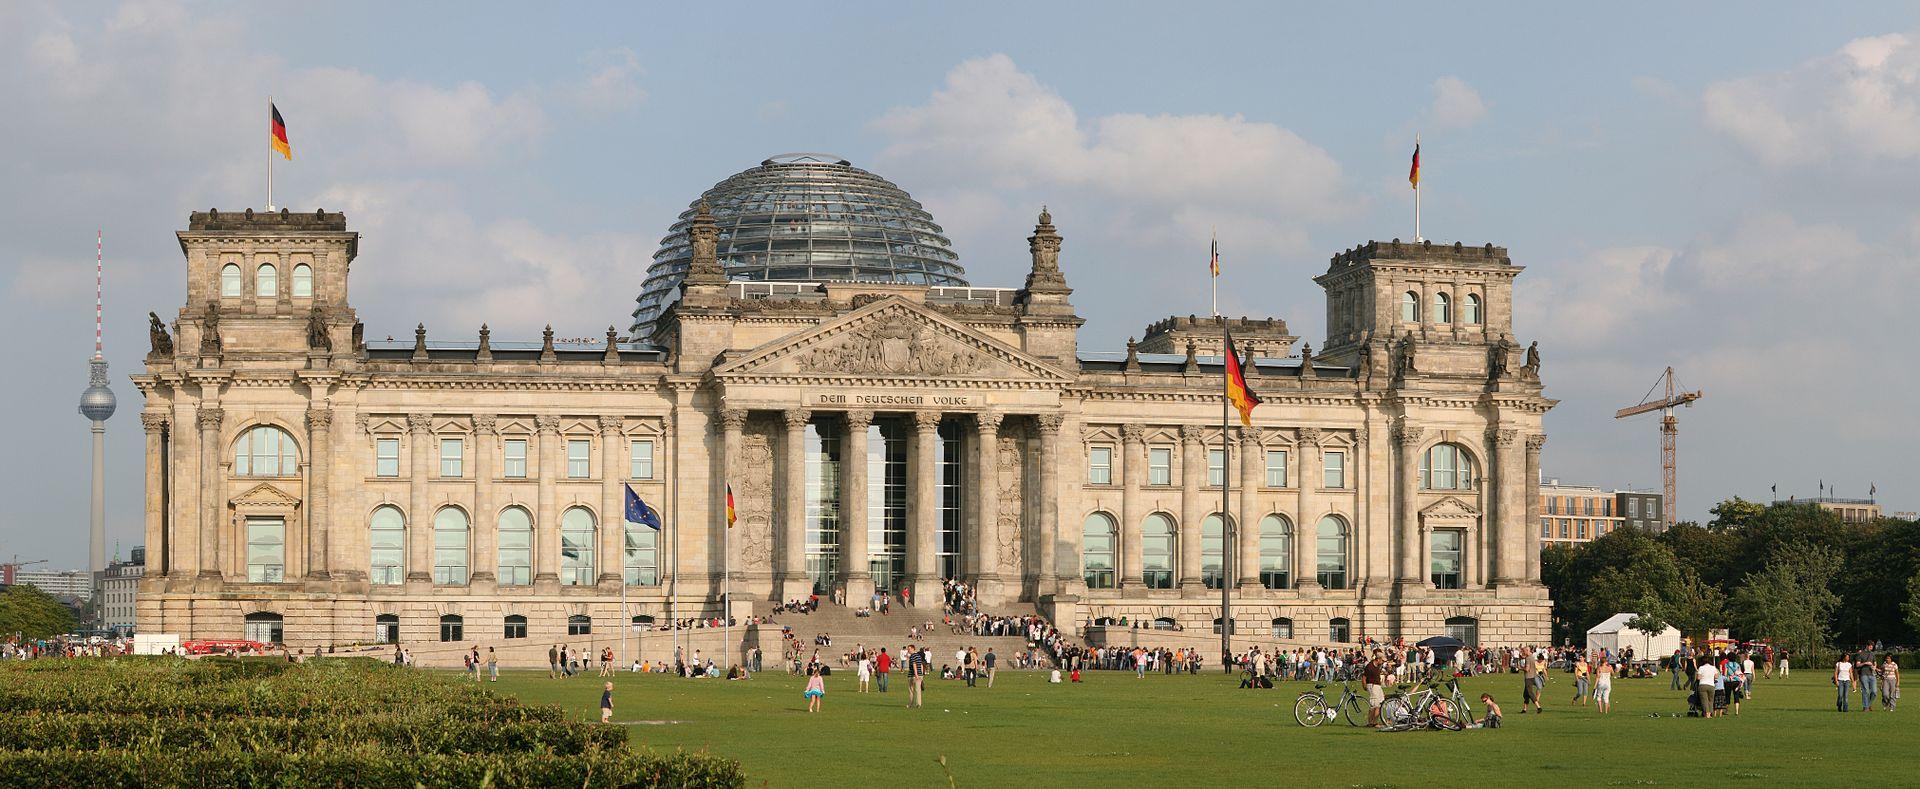 مجلس رایشتاگ / Reichstag - آژانس هواپیمایی امیر